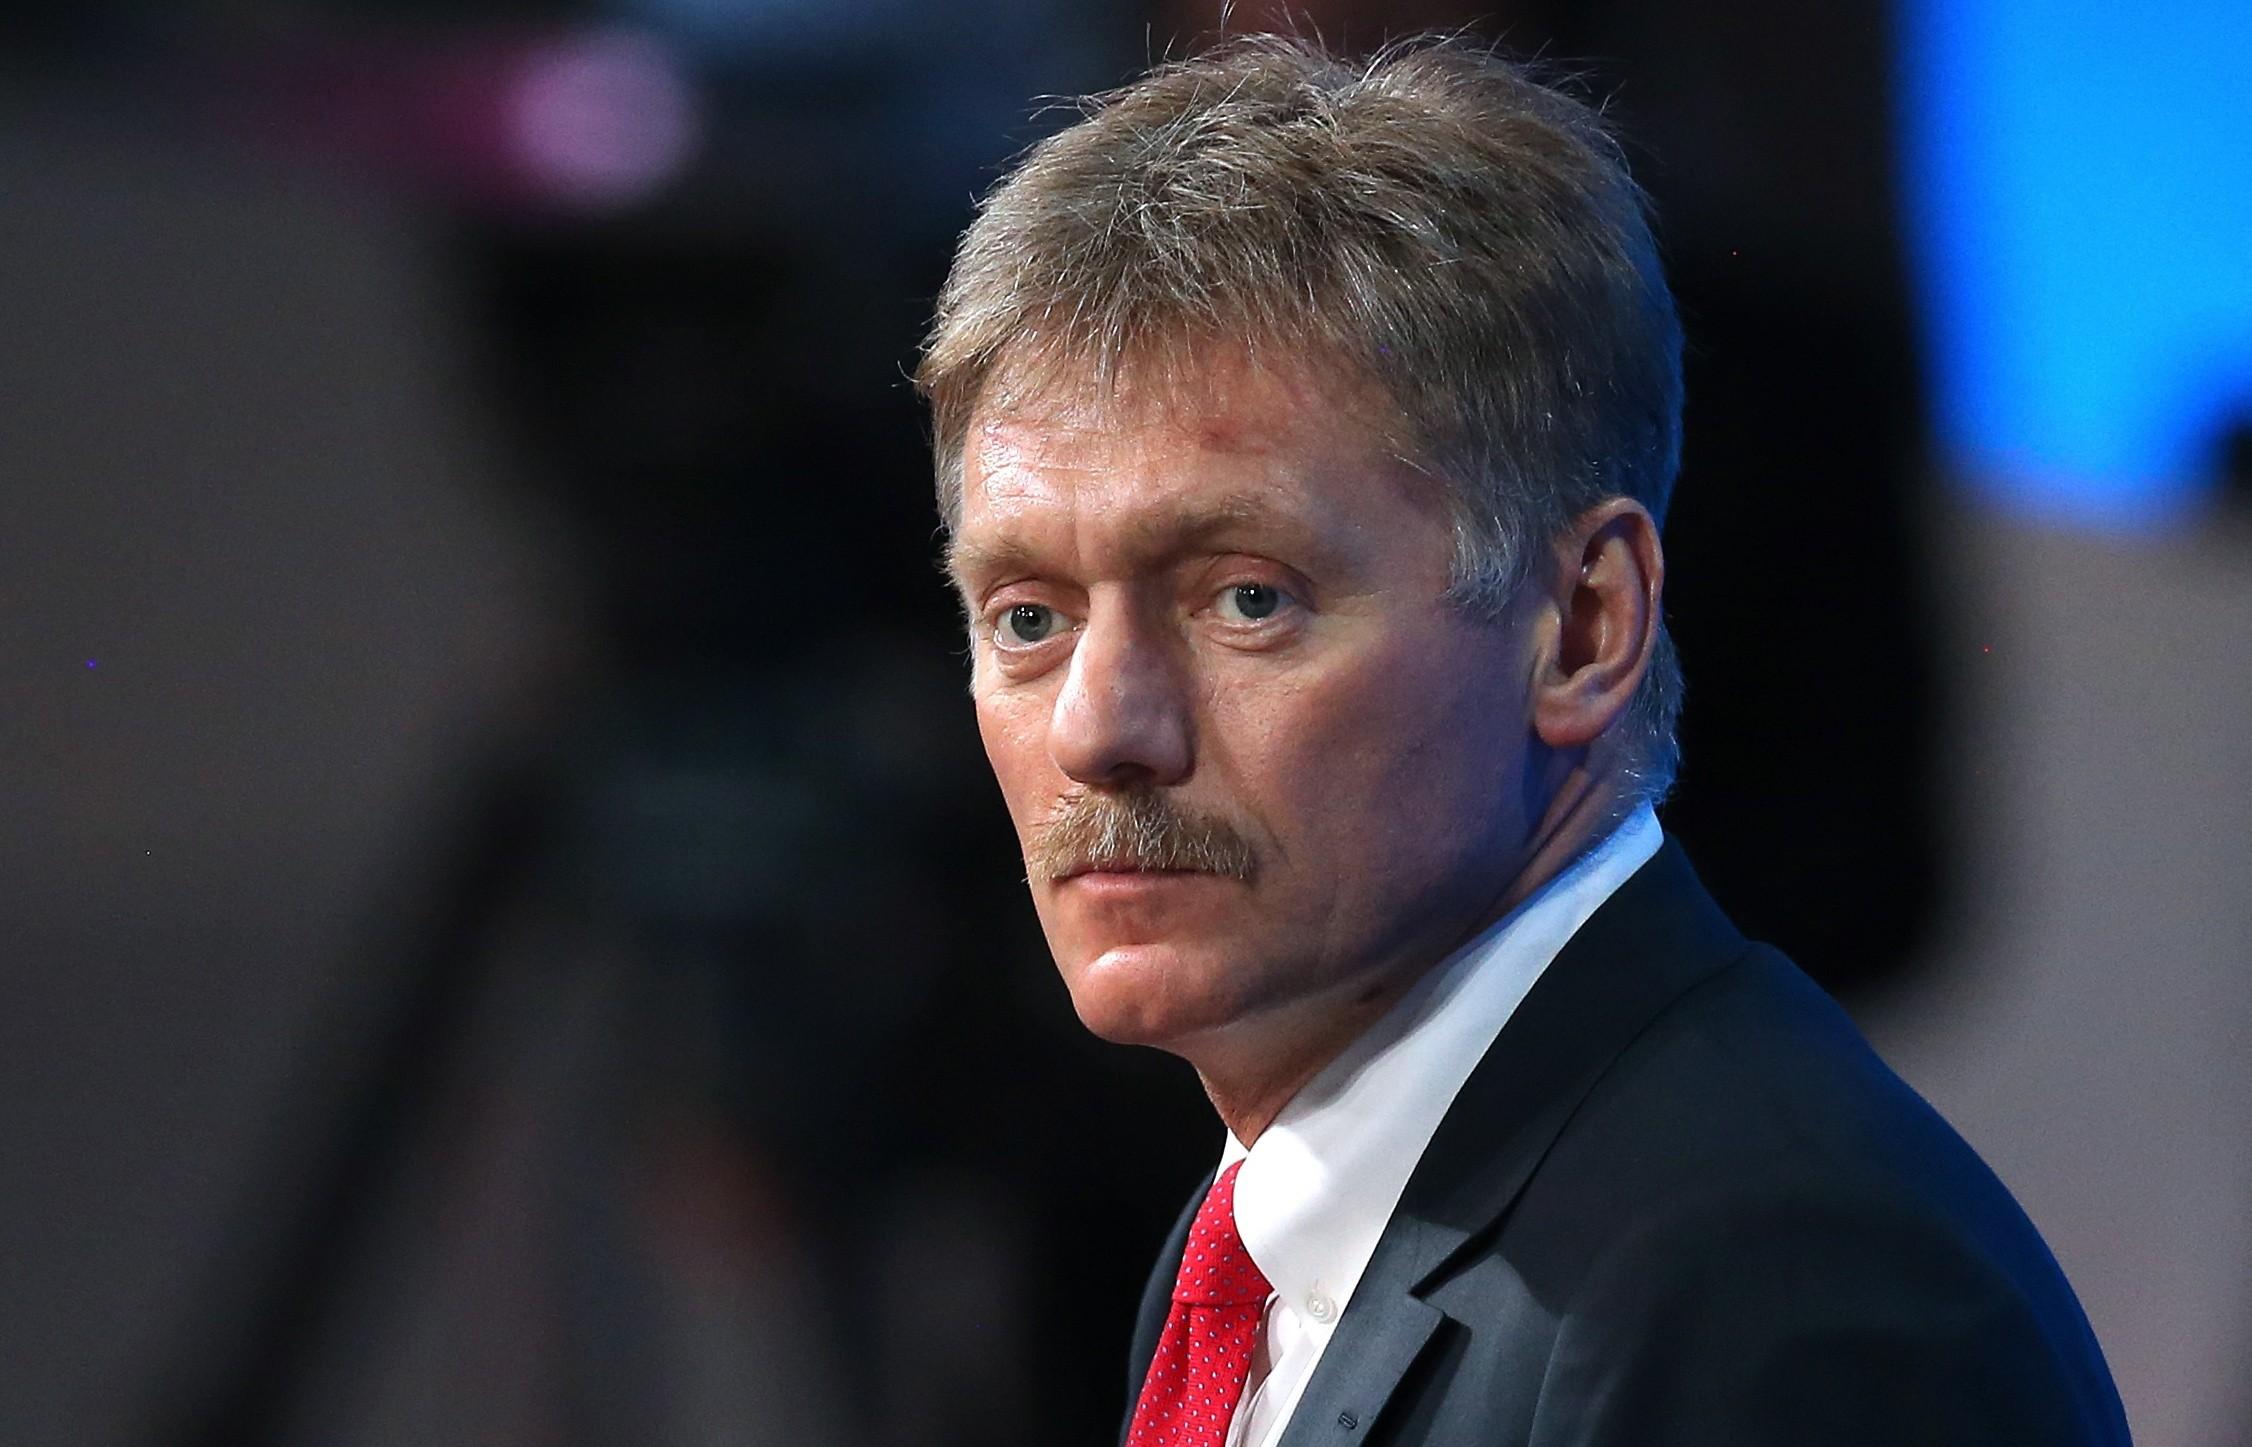 EC нашесть месяцев продлил антироссийские санкции